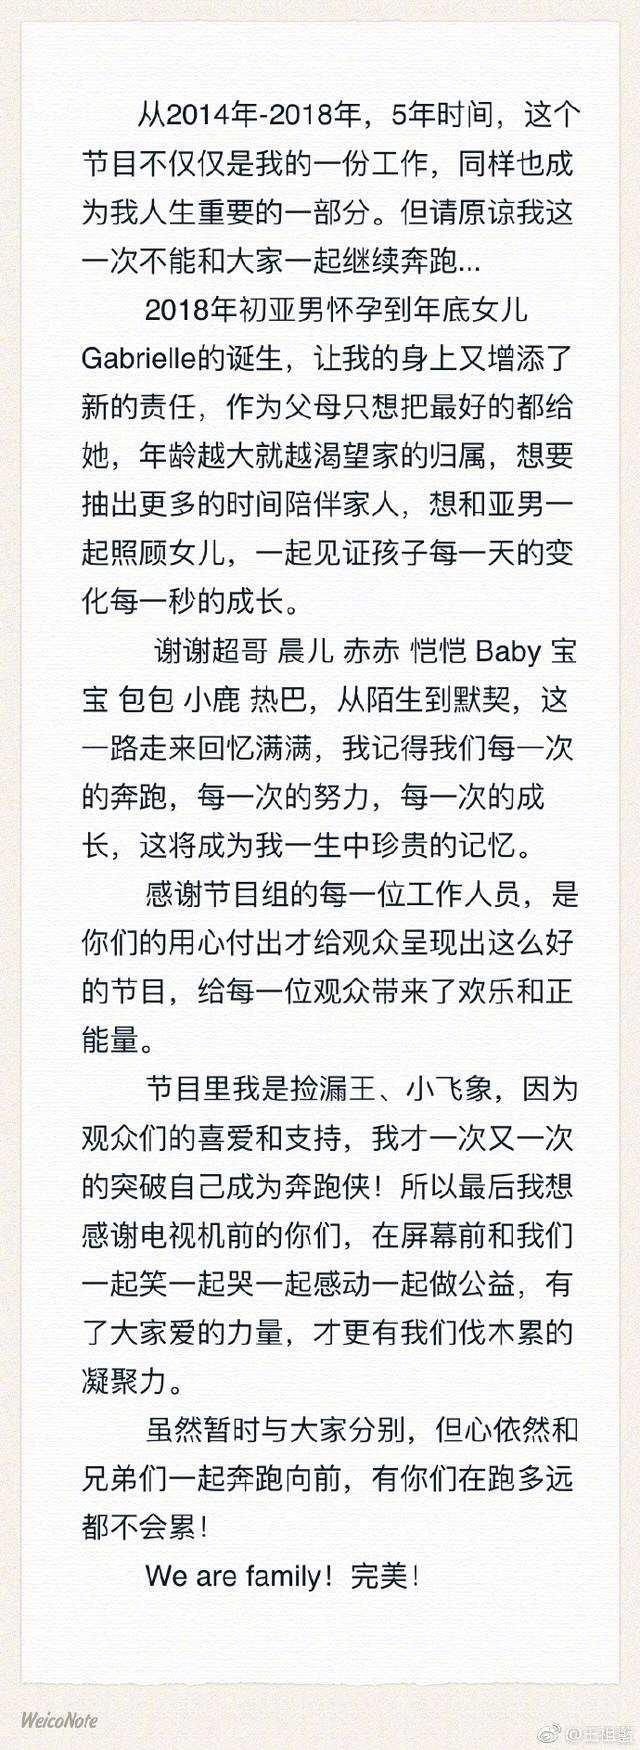 王祖蓝鹿晗回应退出跑男说了什么 王祖蓝鹿晗退出原因你知道吗